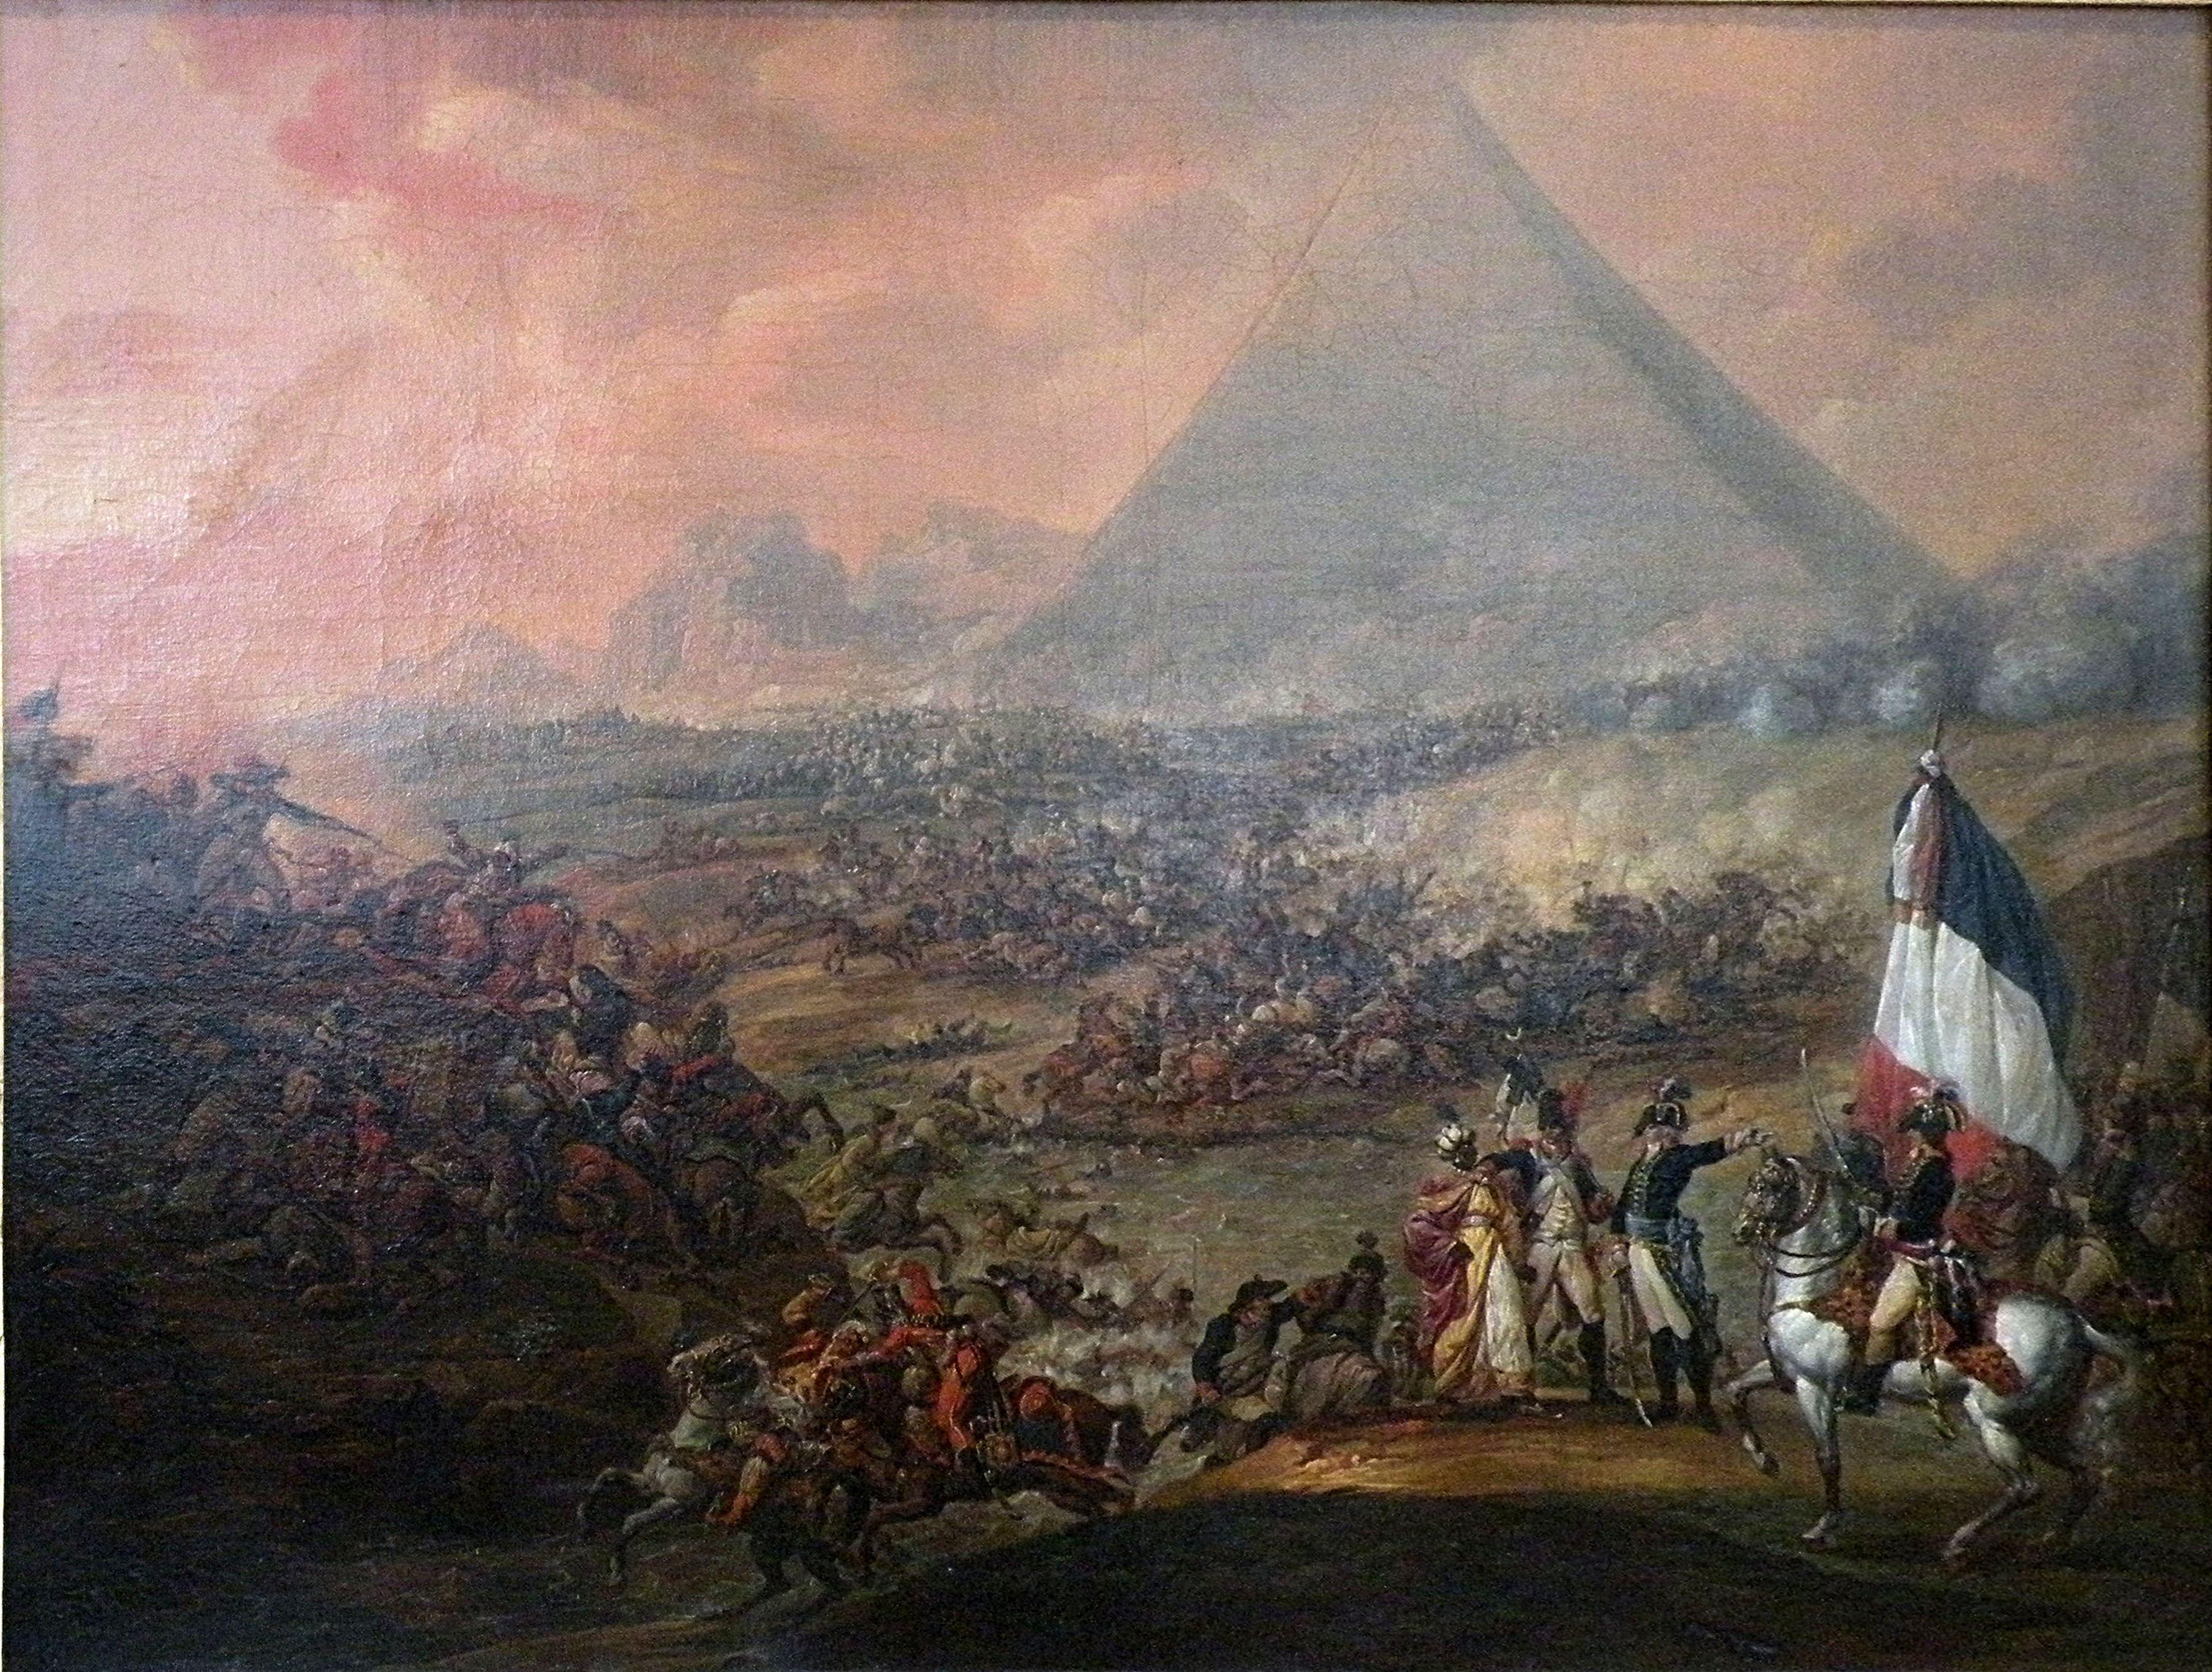 Francois-Louis-Joseph Watteau's depiction of the Battle of the Pyramids.